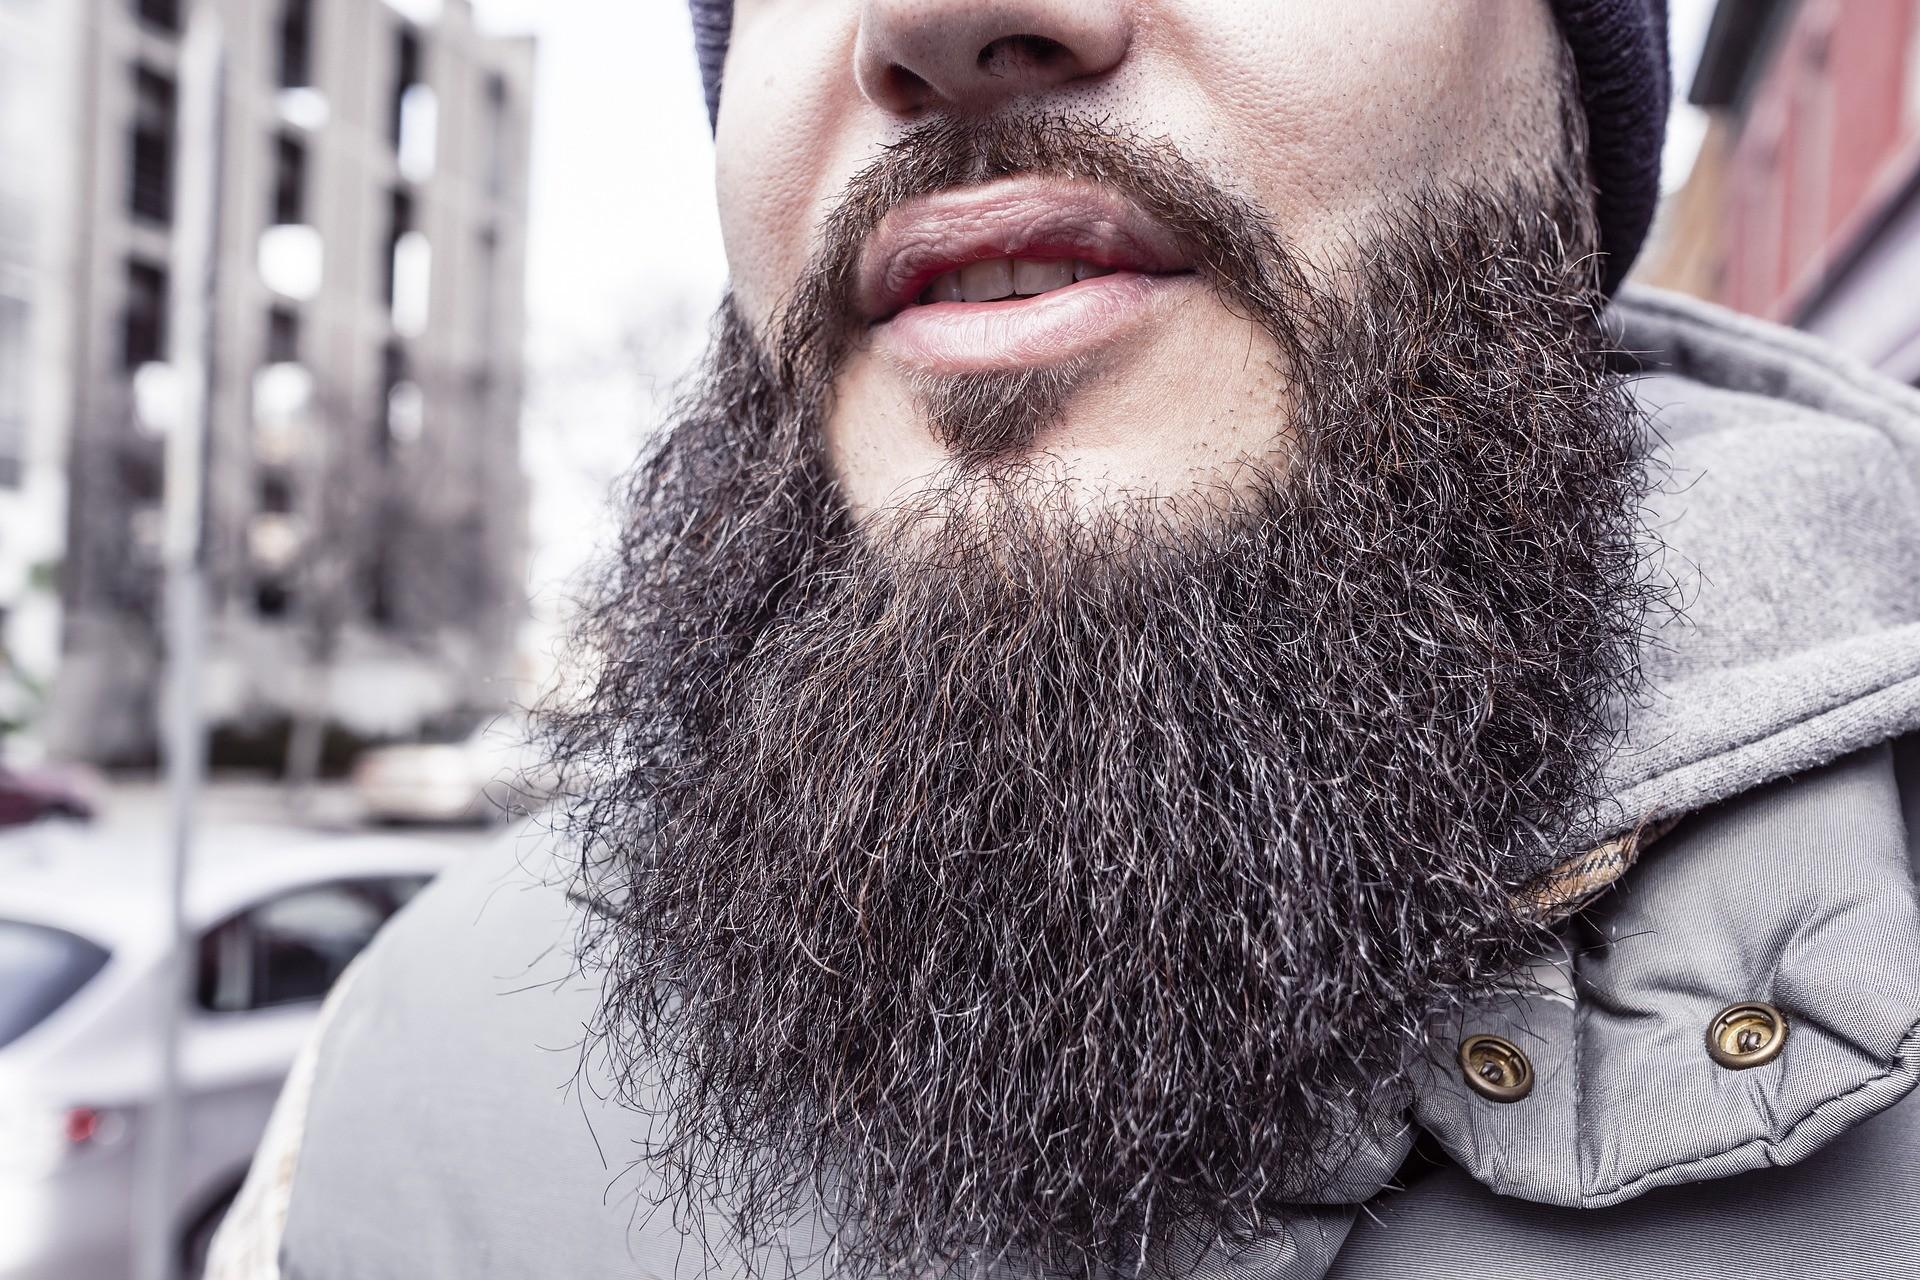 Der Bart ist die Burka des muslimischen Mannes – Über das tabuisierte Geschlechterverhältnis